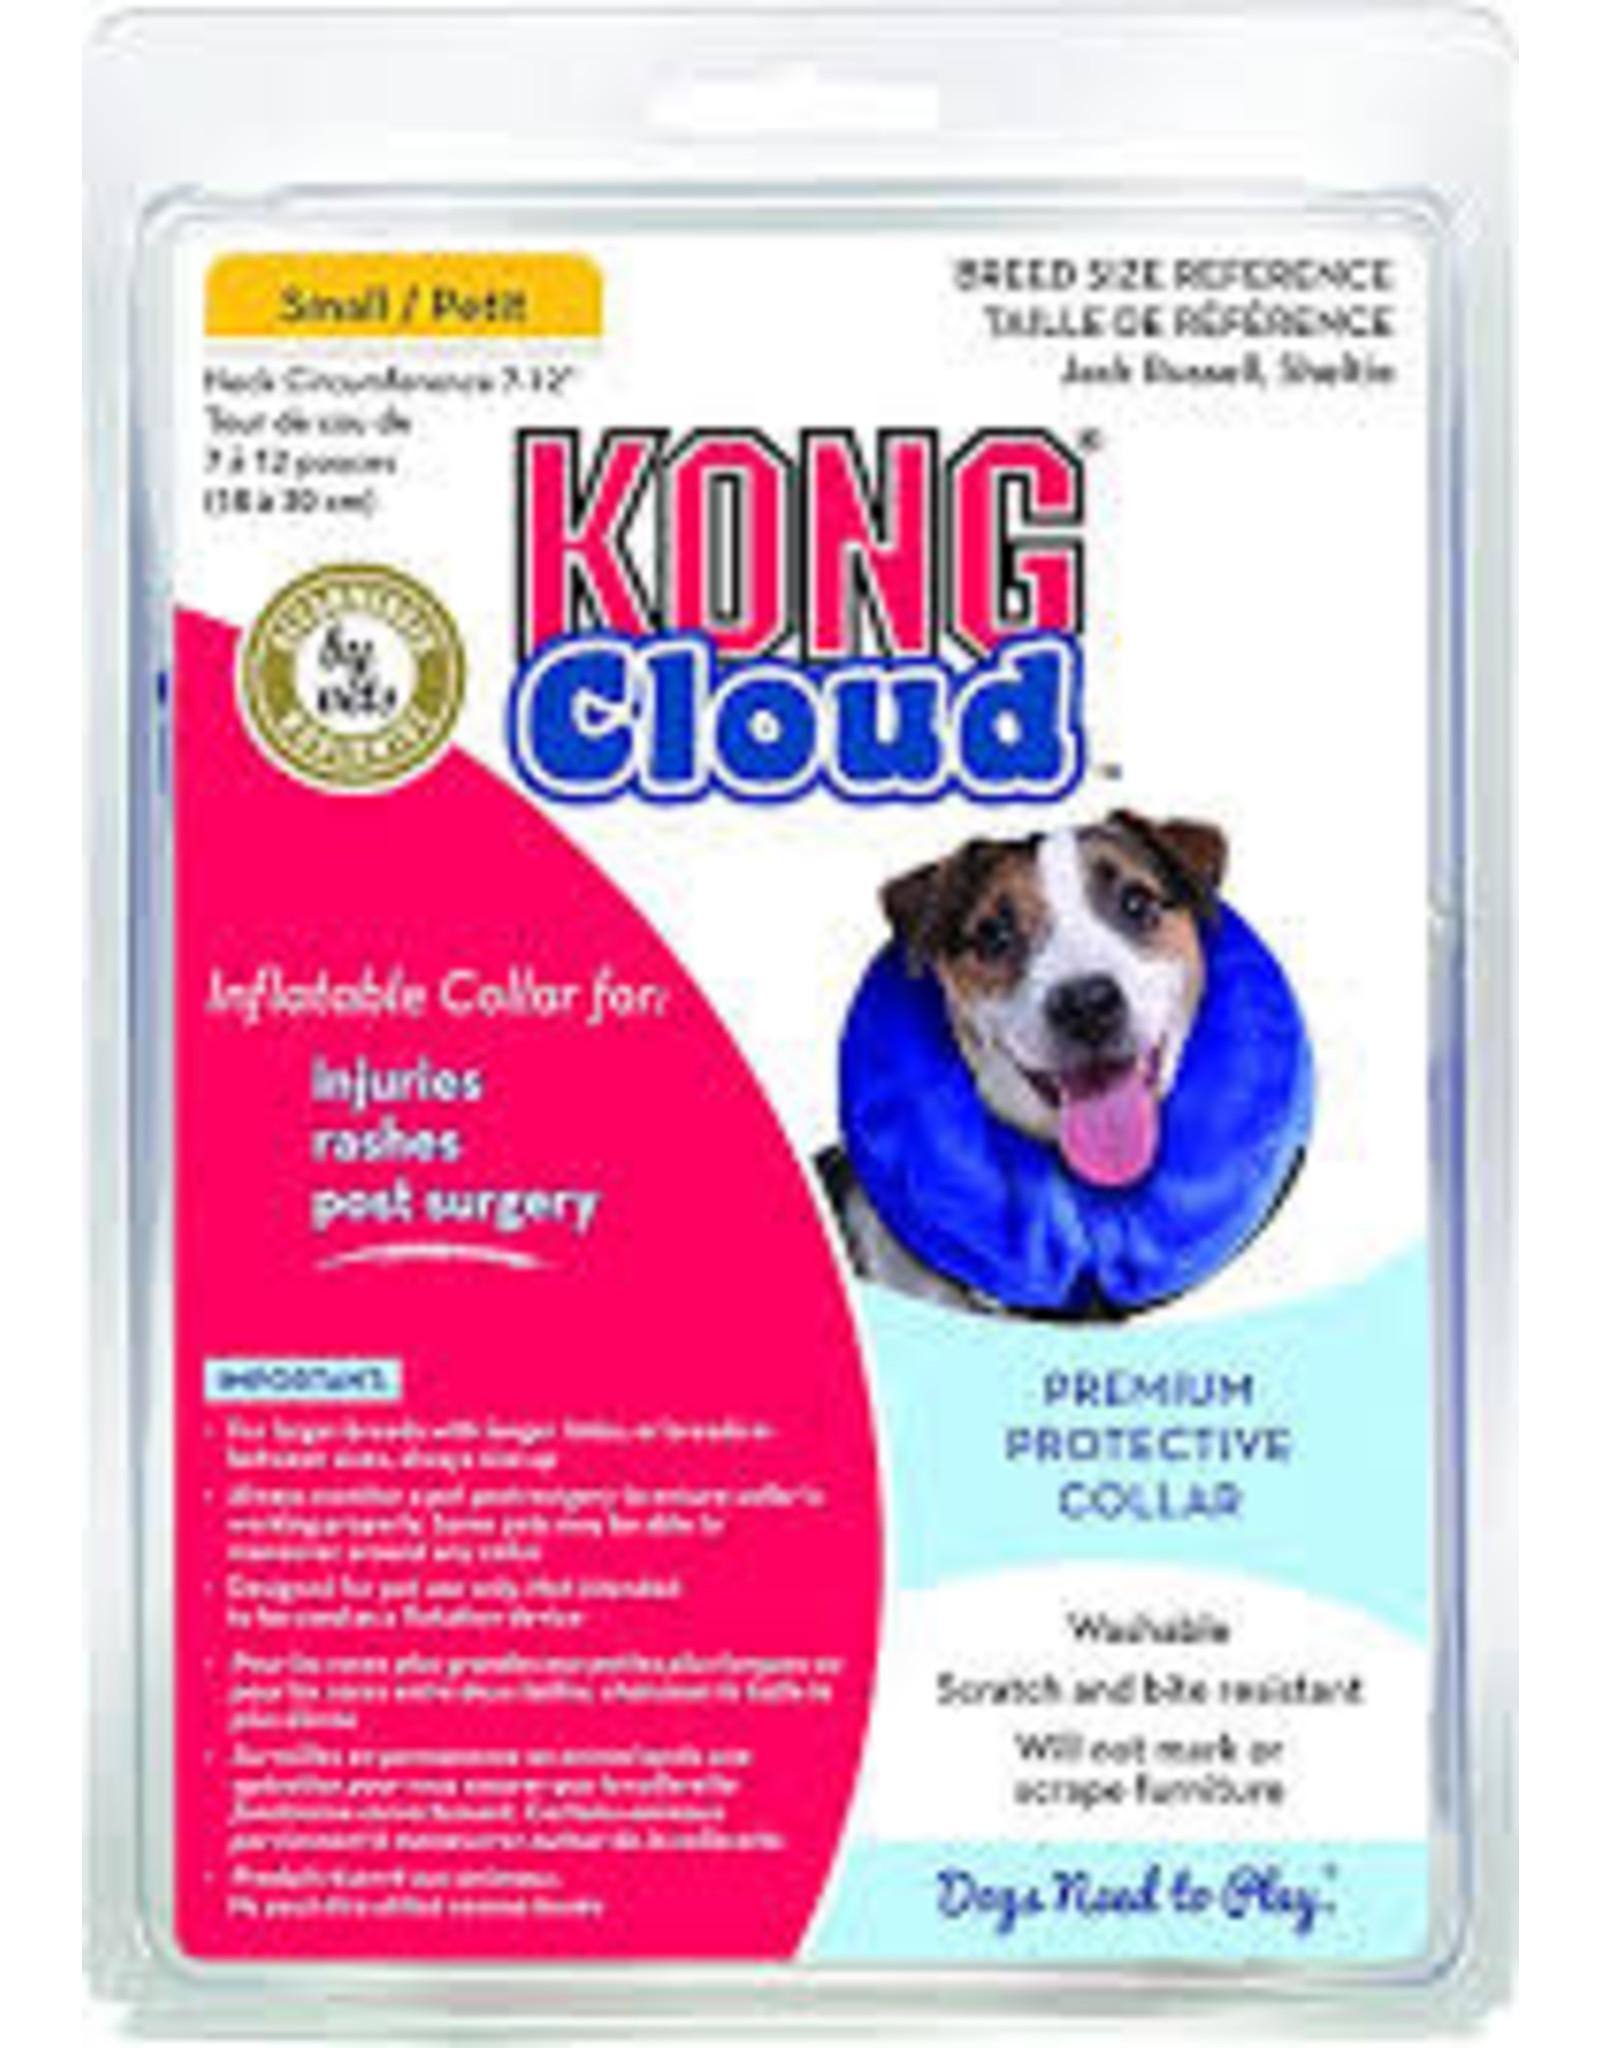 Kong Kong Cloud - Cloud Collar